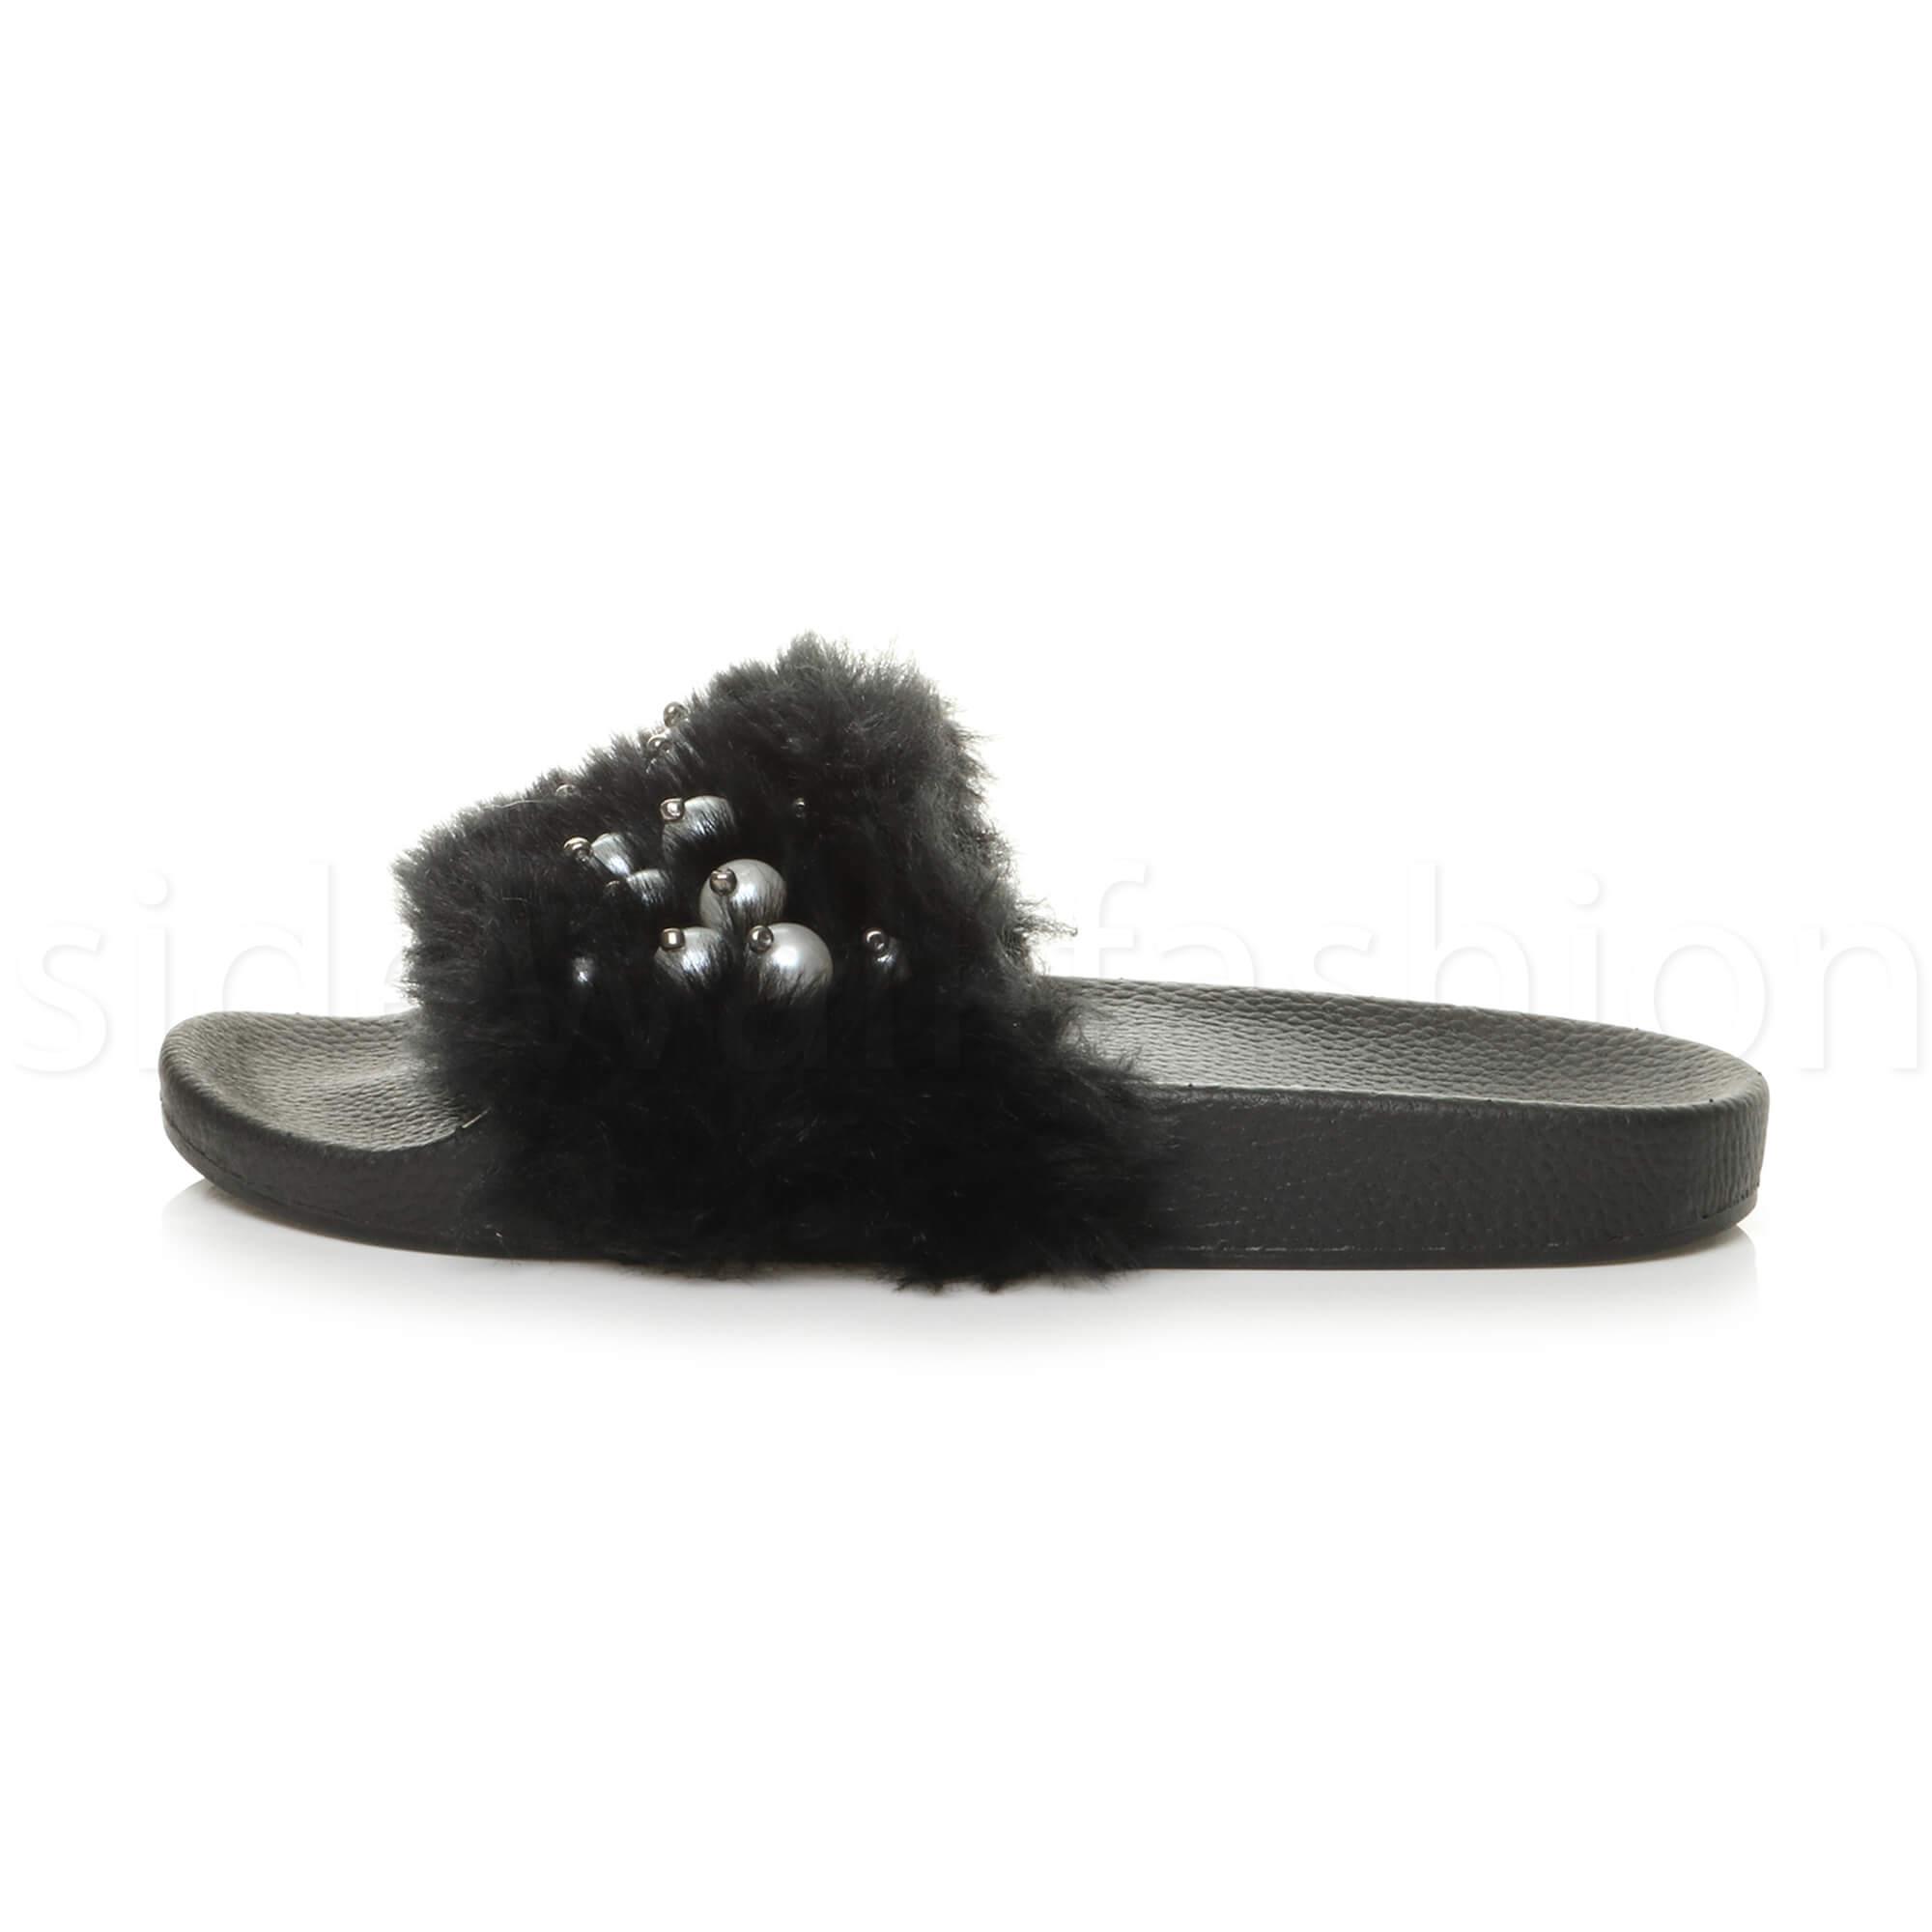 09de1d5e9c02 Womens Ladies Flat Faux Fur Comfy Slip on Flip Flop Sliders SLIPPER ...